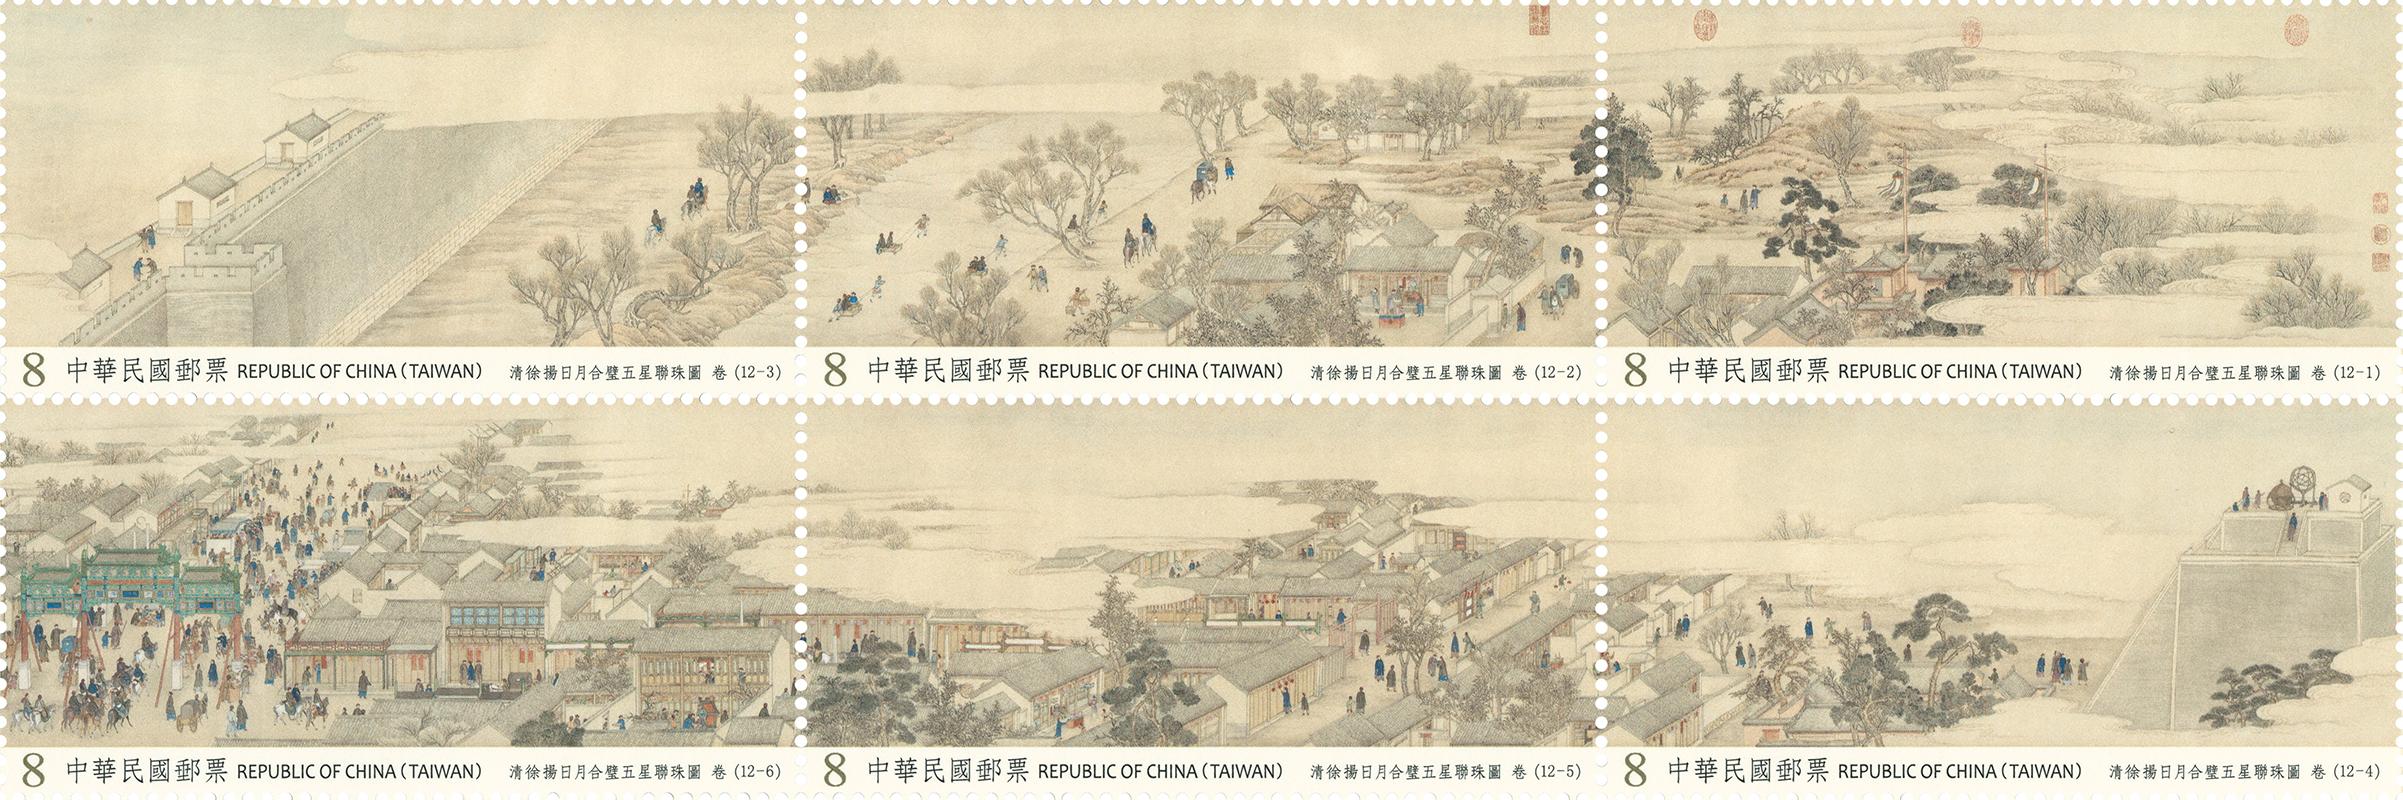 清徐揚日月合璧五星聯珠圖古畫郵票(上輯)